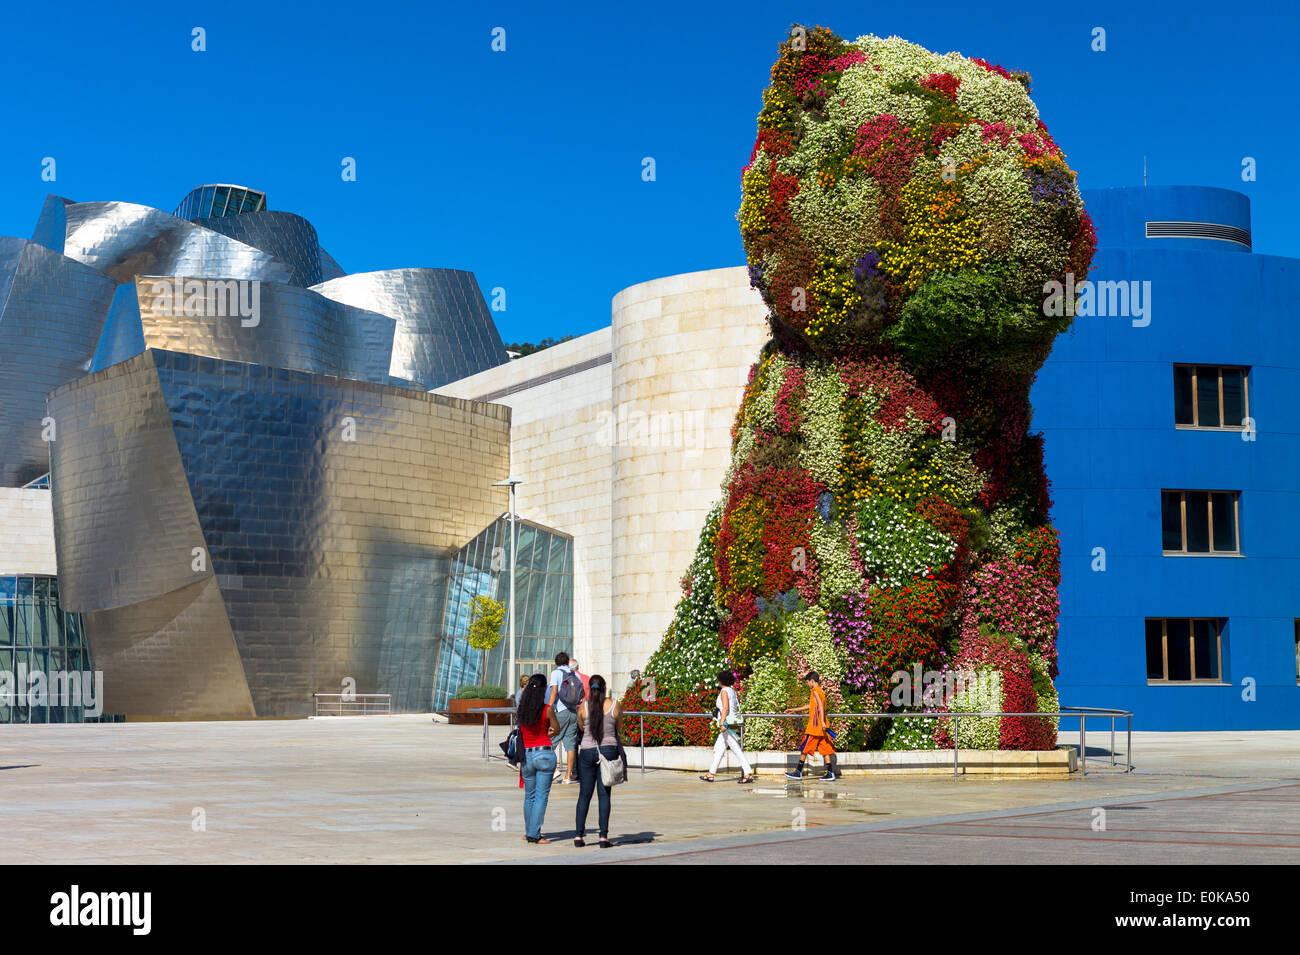 Los turistas ver cachorro característica flor arte floral de Jeff Koons en el museo Guggenheim en Bilbao, País Vasco, España Imagen De Stock